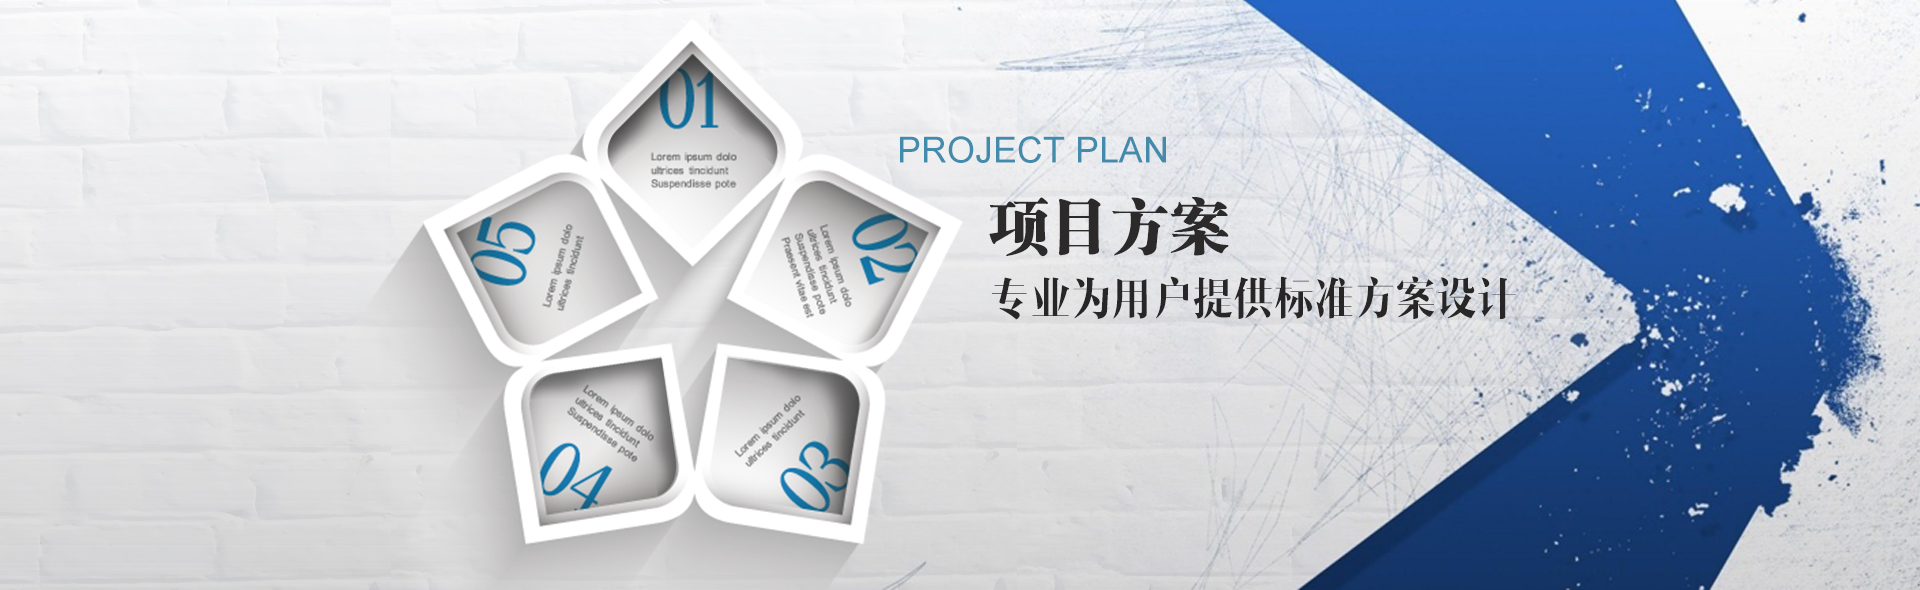 电烤箱(三ceng实用型)banner